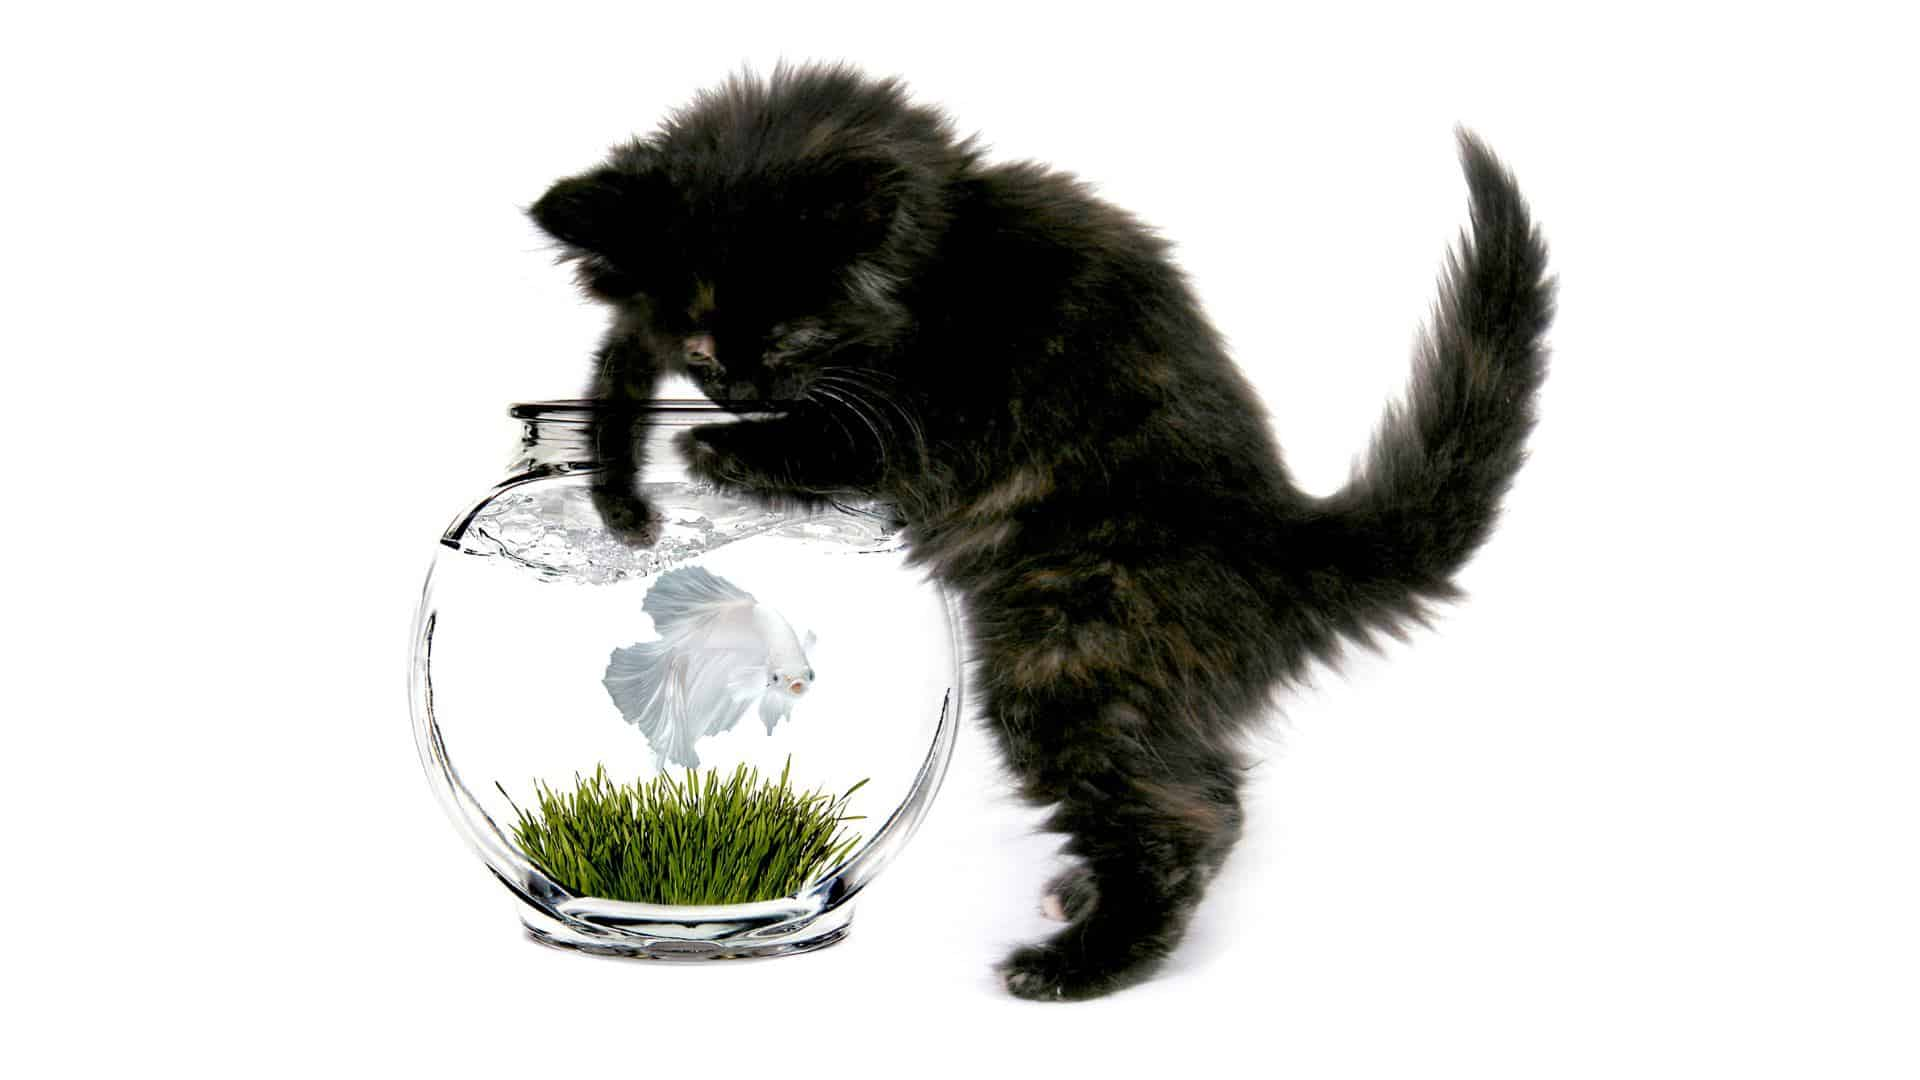 cat catching betta fish